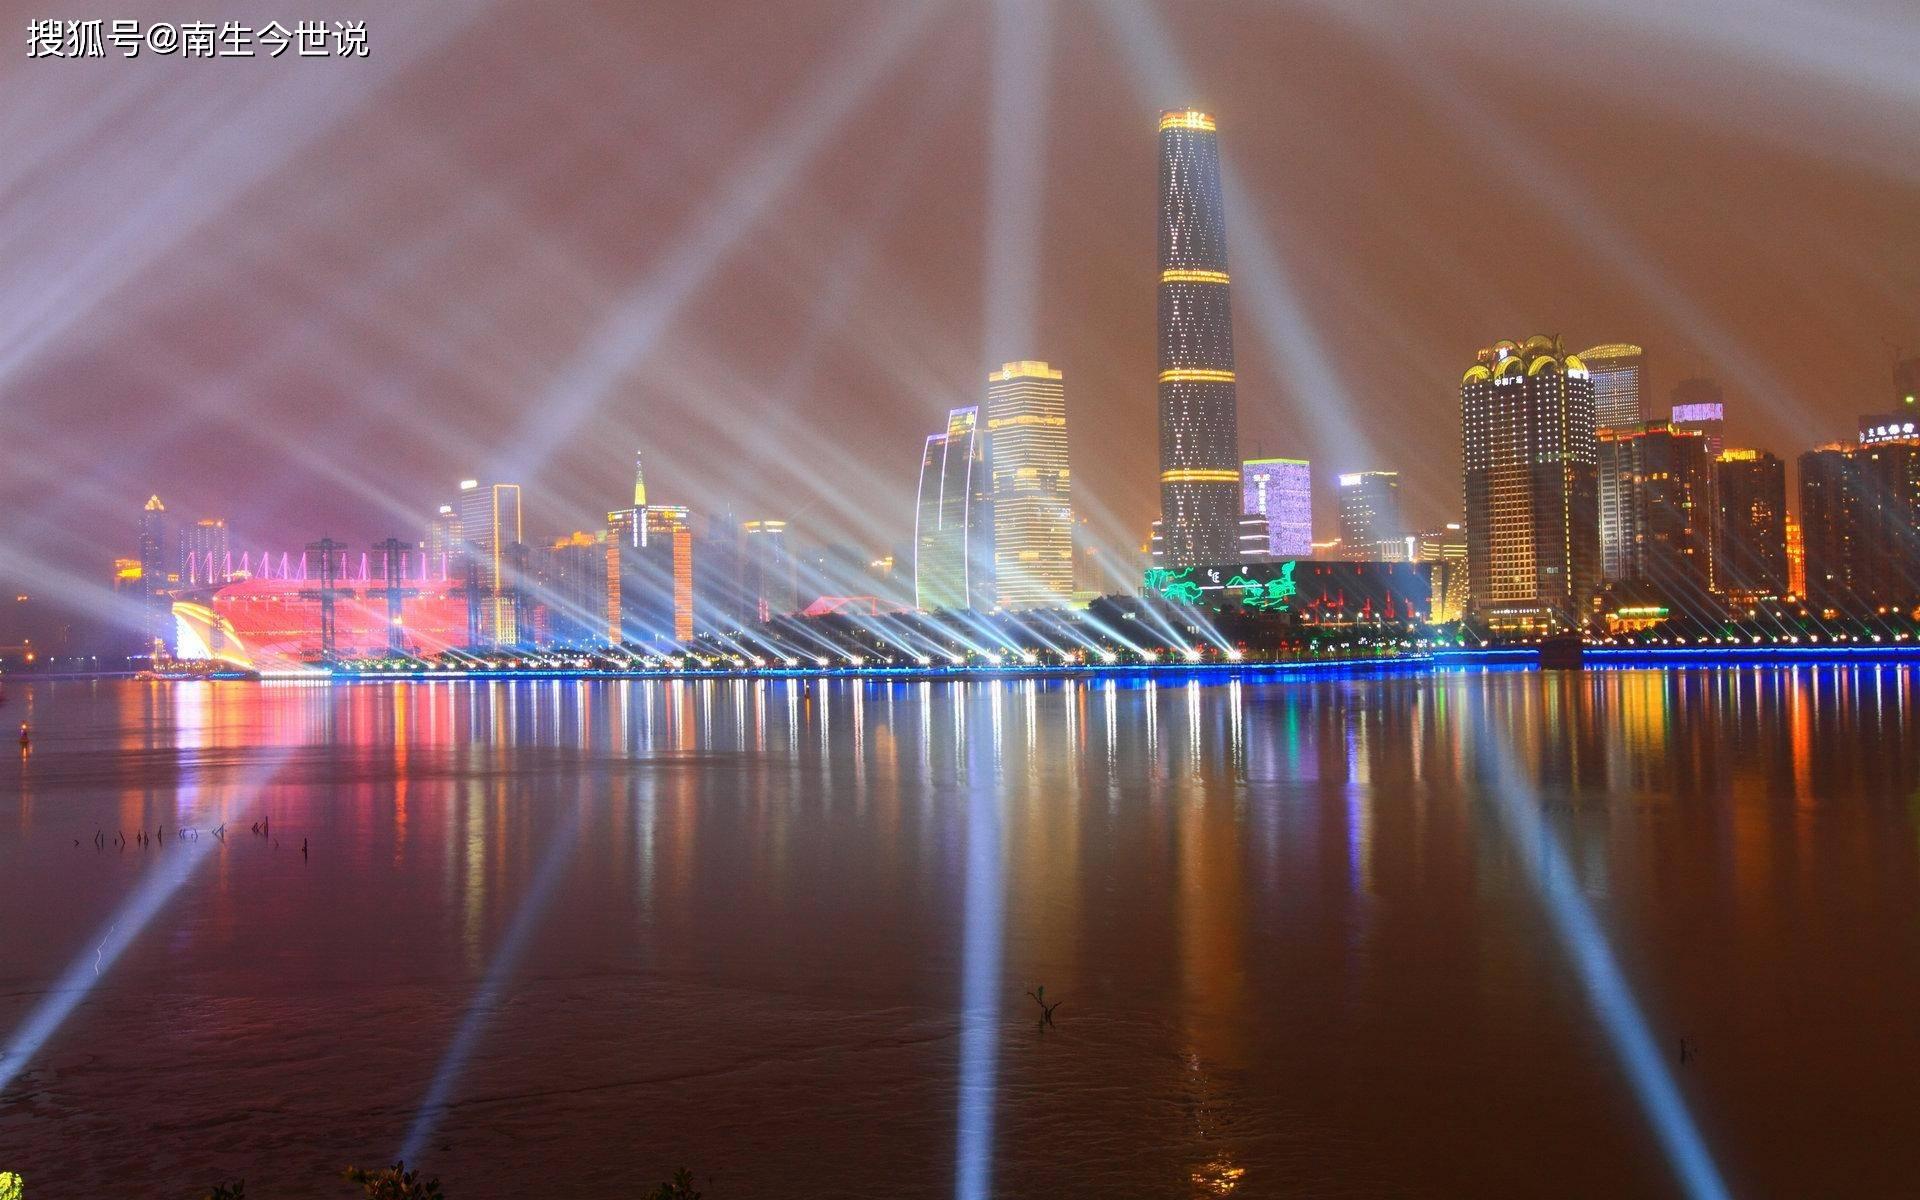 海南gdp_一季度GDP揭晓!海南、贵州、江浙抢眼,东北跑输大盘,广州再超...